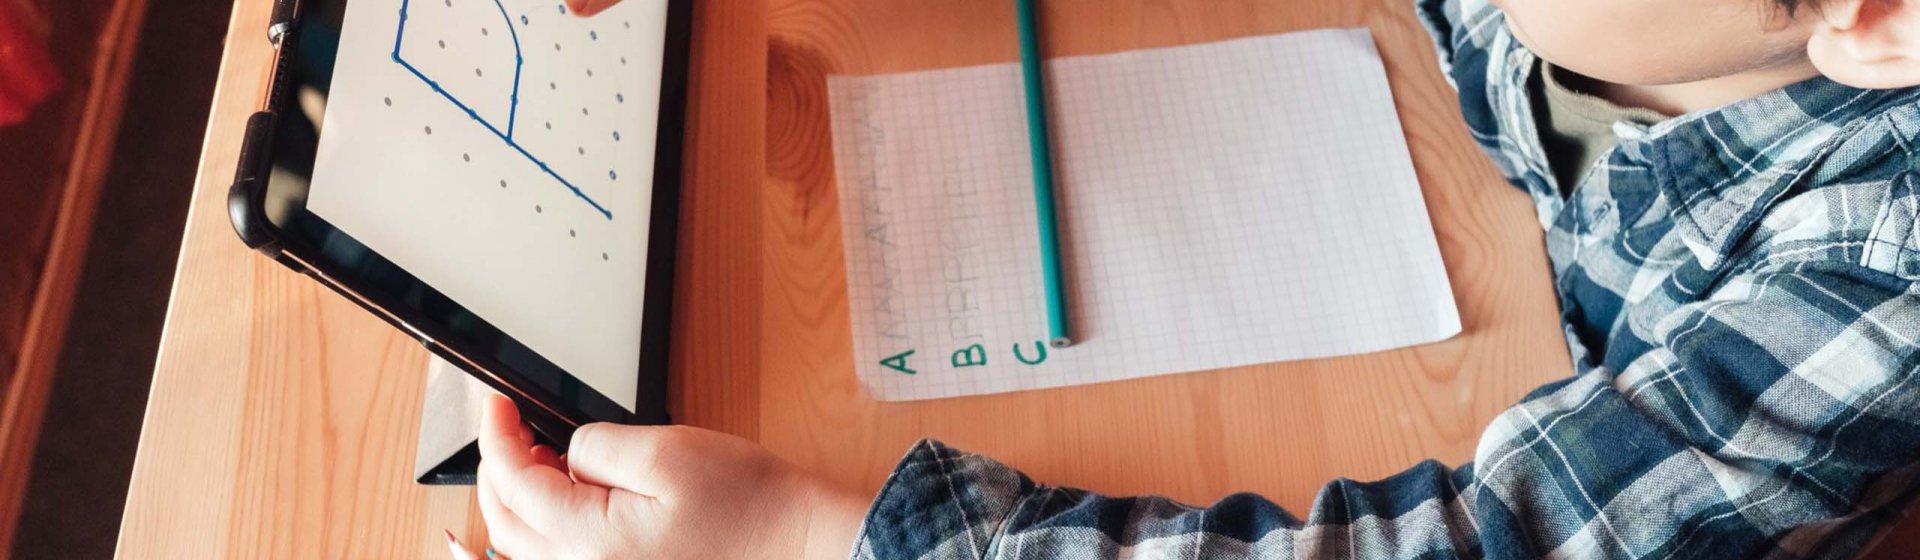 Kind vor Laptop mit installierter Lernapp